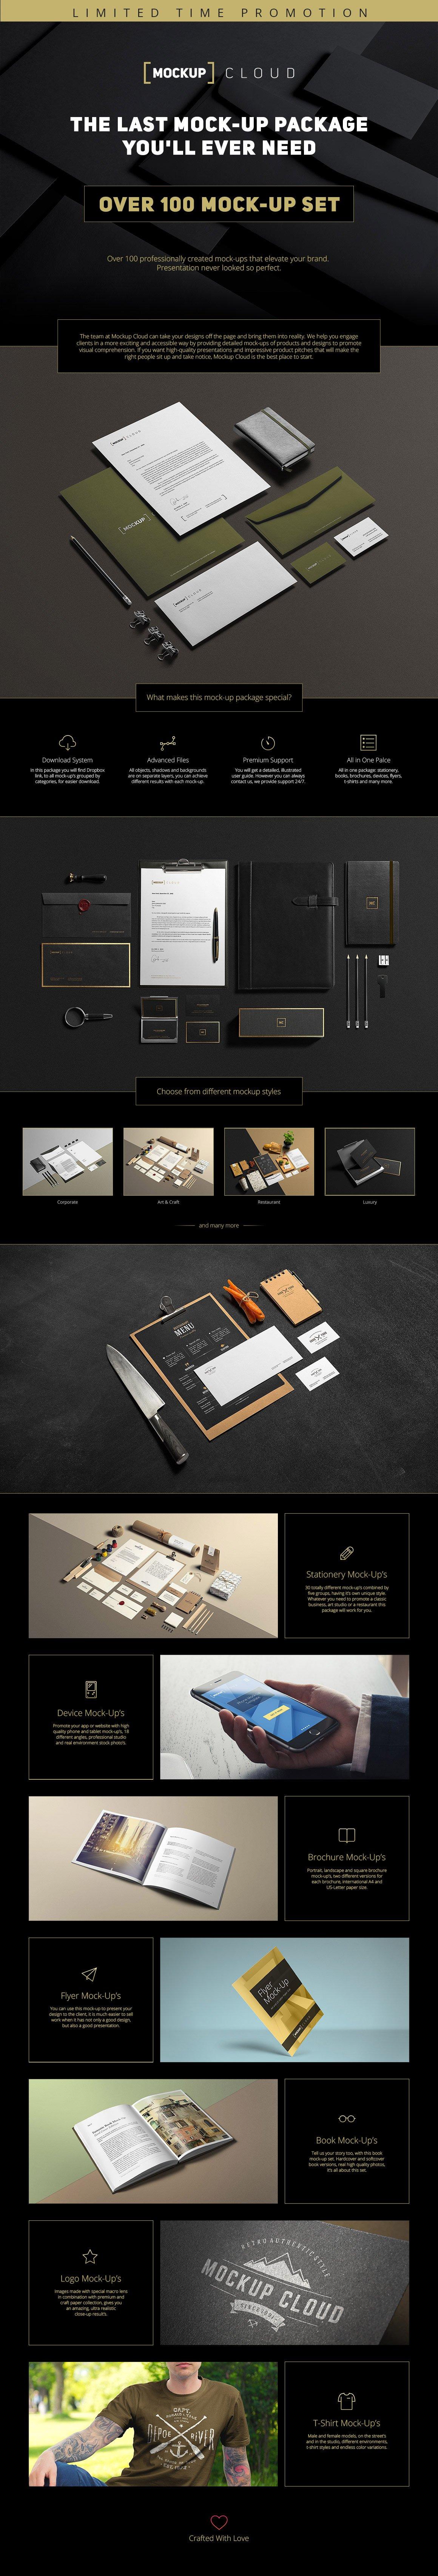 [12.72 GB] 超巨量品牌产品设计展示效果图样机模板集合 Branding Mockup's Bundle插图(1)